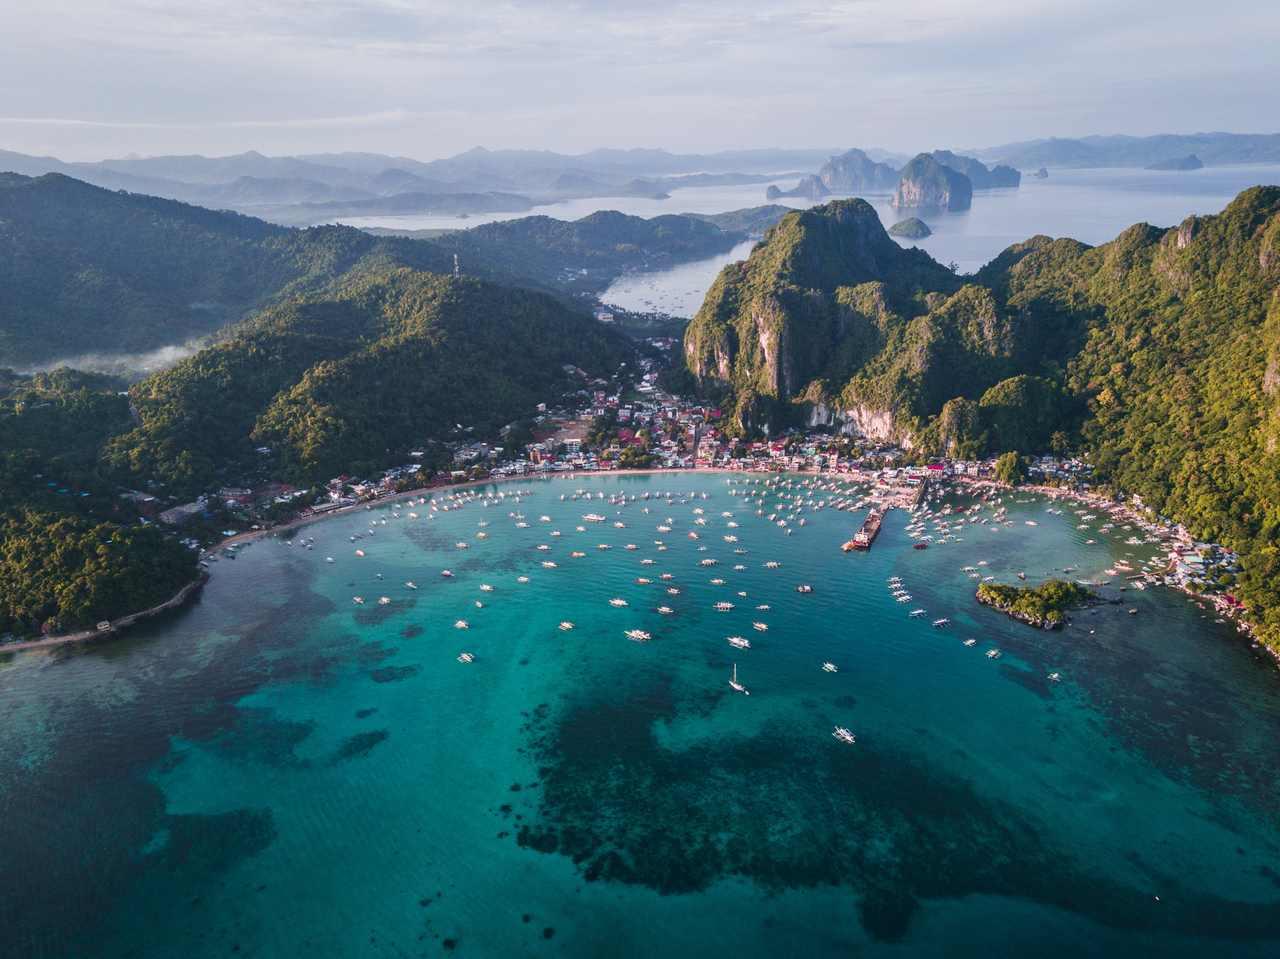 sudeste-asiatico-paisagens-impressionantes-para-voce-se-apaixonar-2